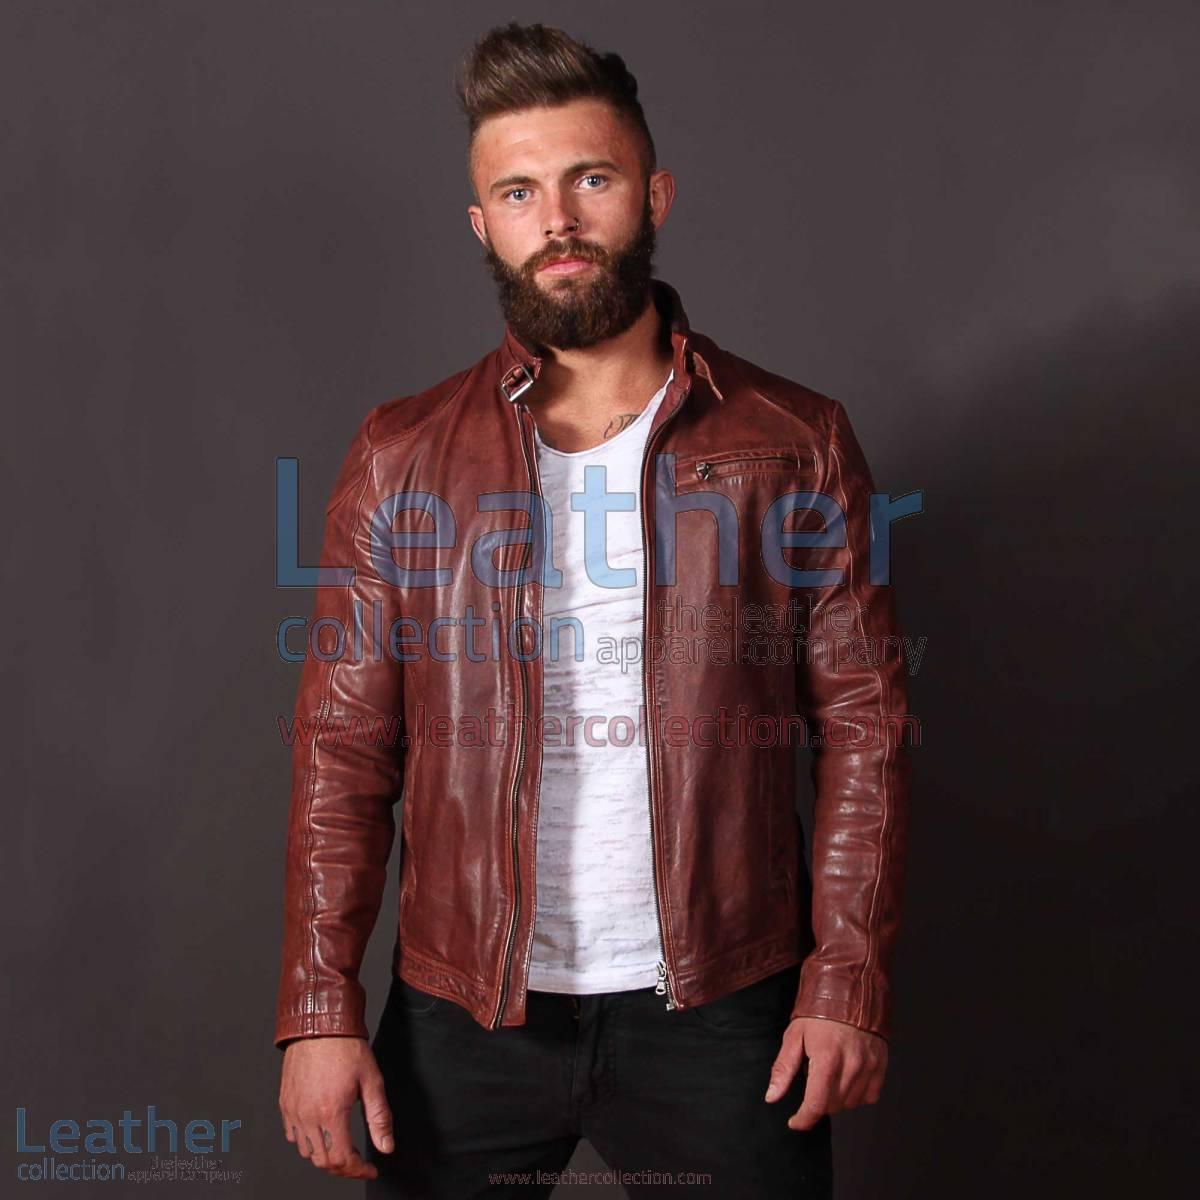 Jazz Leather Jacket for Men | leather jacket for men,jazz jacket